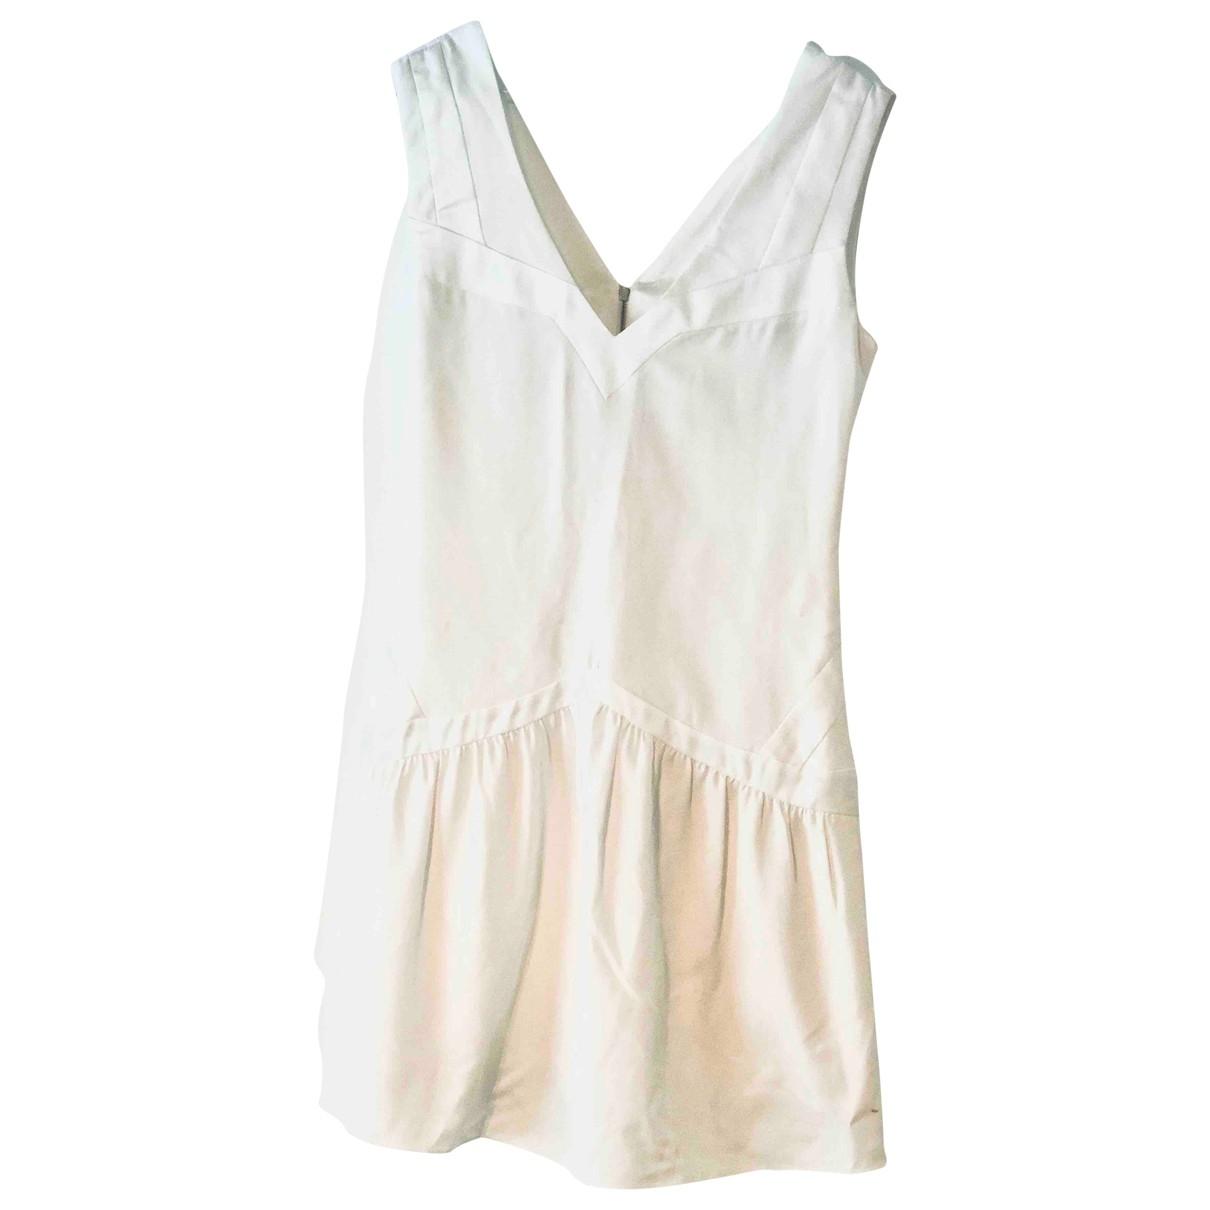 Sandro \N White dress for Women 1 0-5